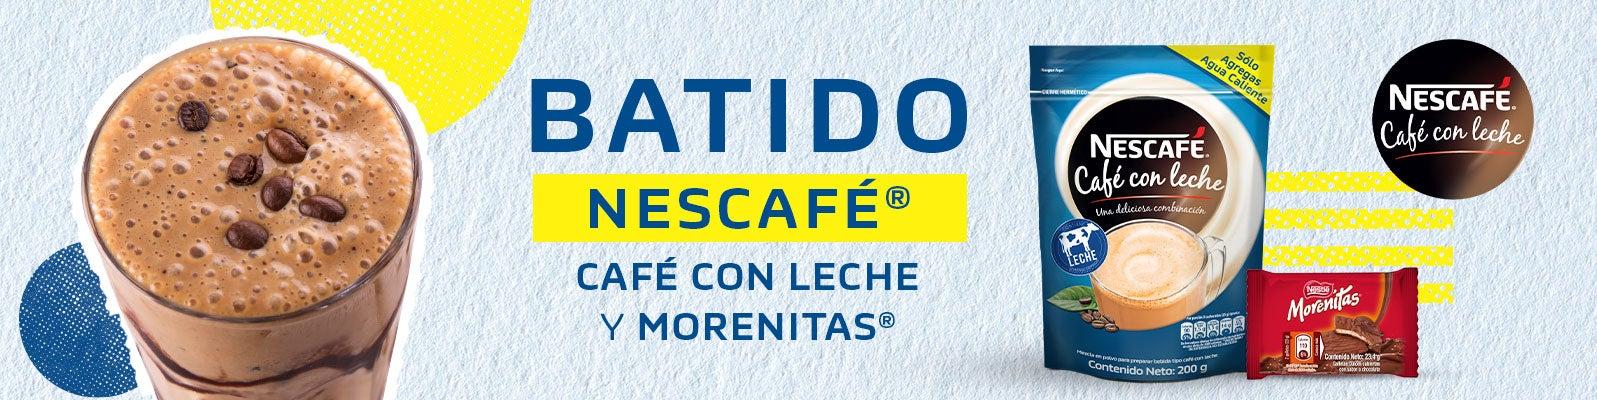 BATIDO NESCAFÉ®- CAFÉ CON LECHE Y MORENITAS®